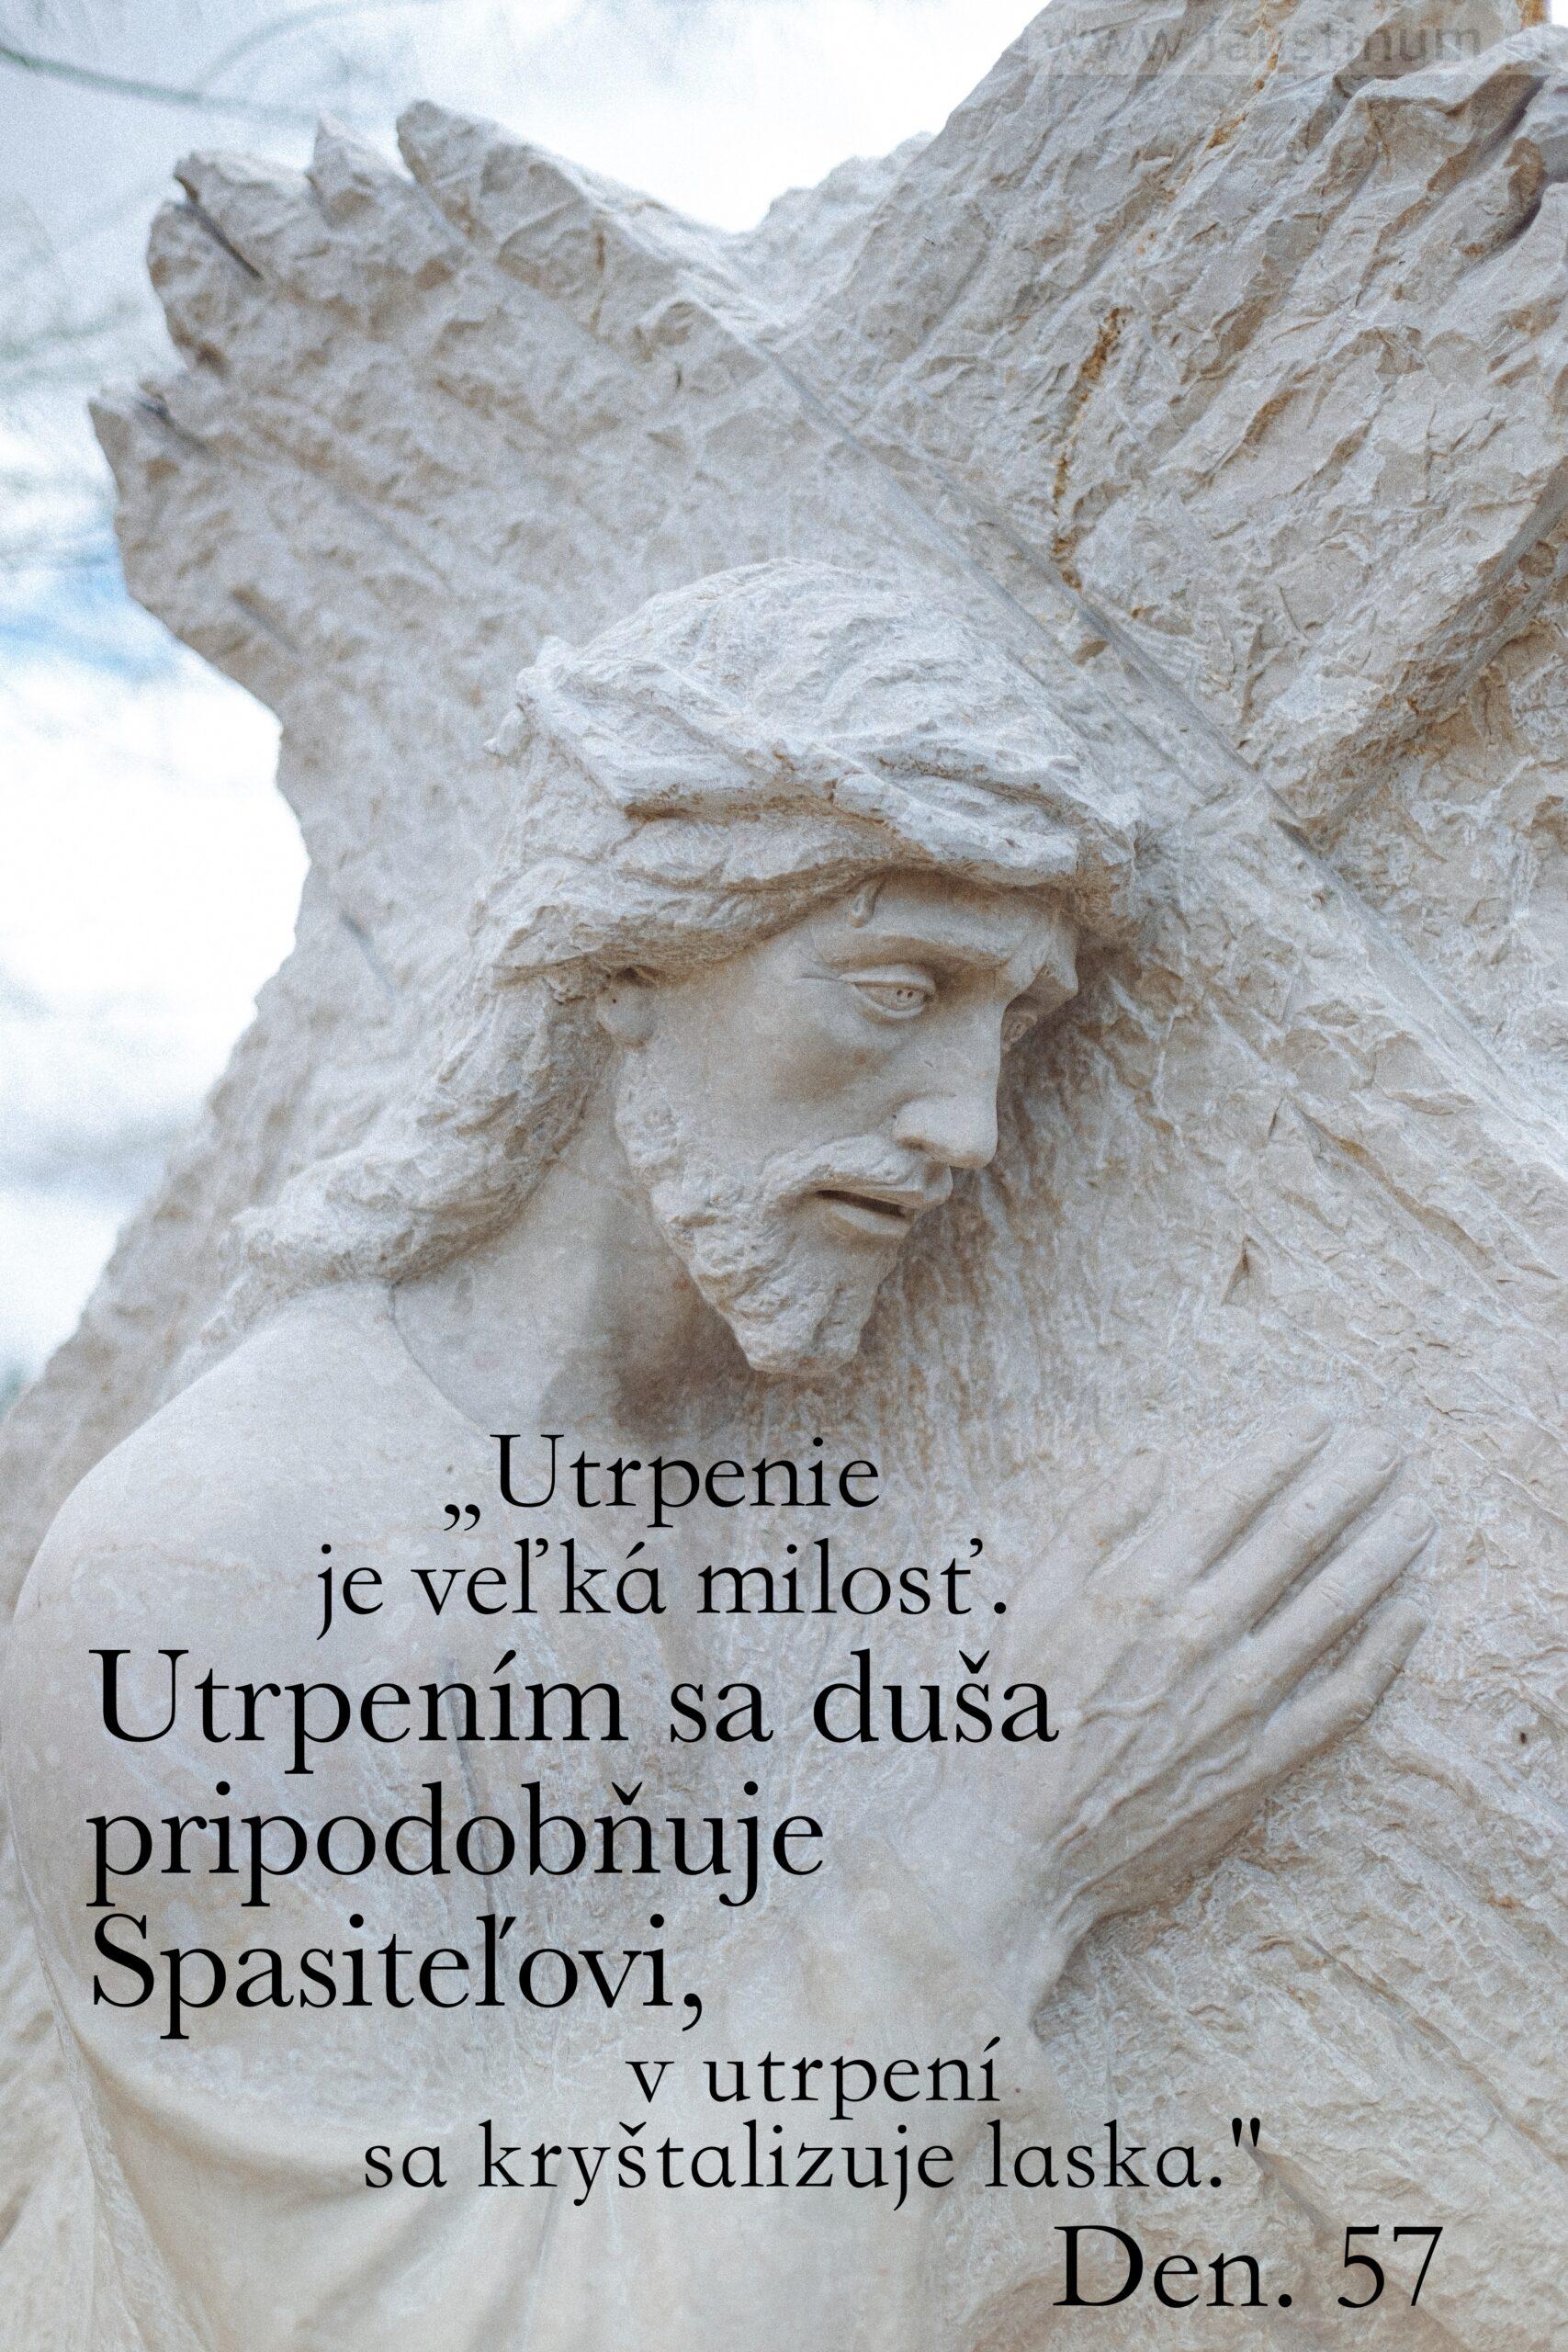 Faustina, Utrpenie, Den. 57